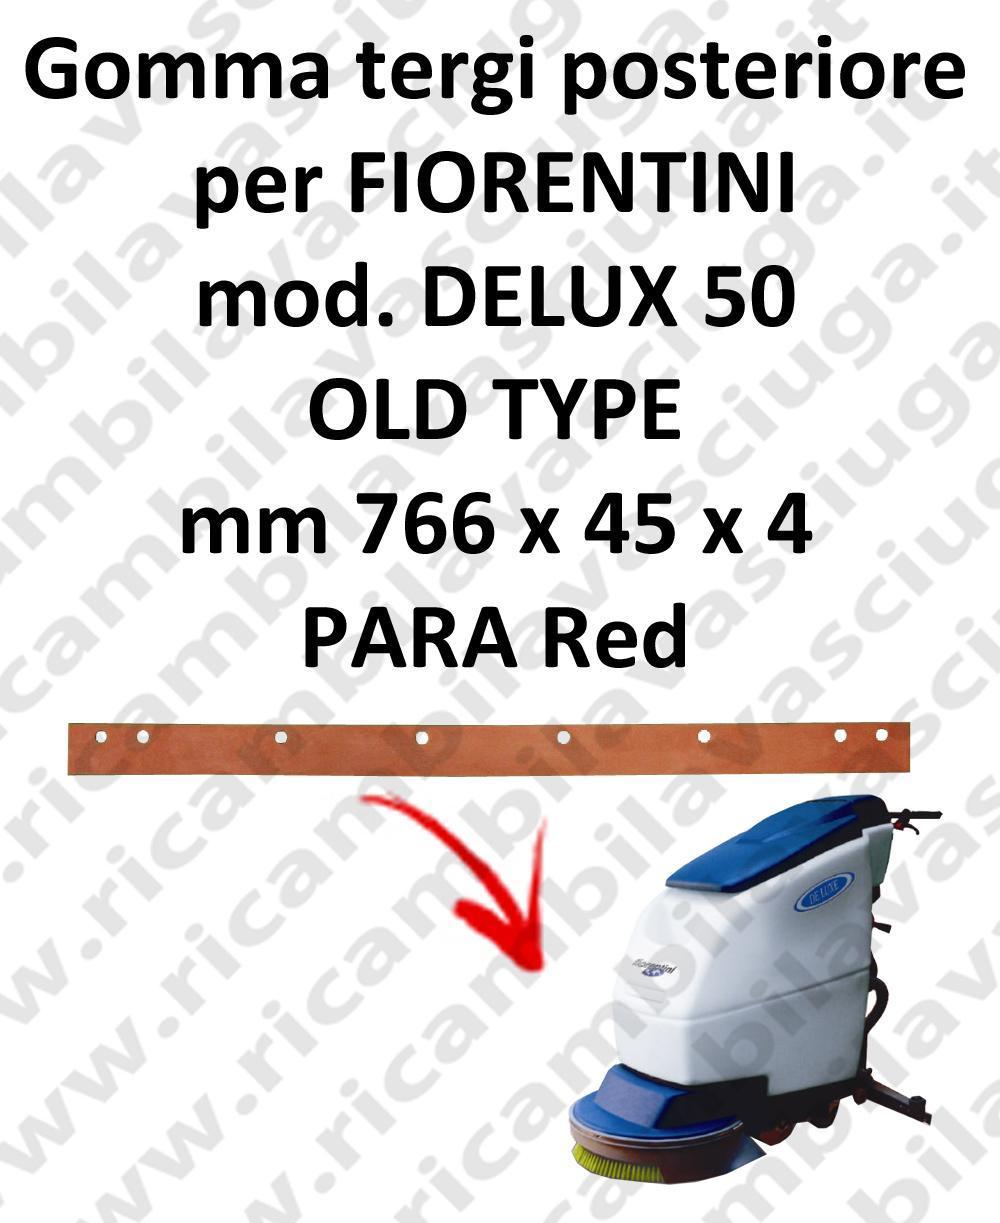 DELUX 50 old type Hinten Sauglippen für scheuersaugmaschinen FIORENTINI